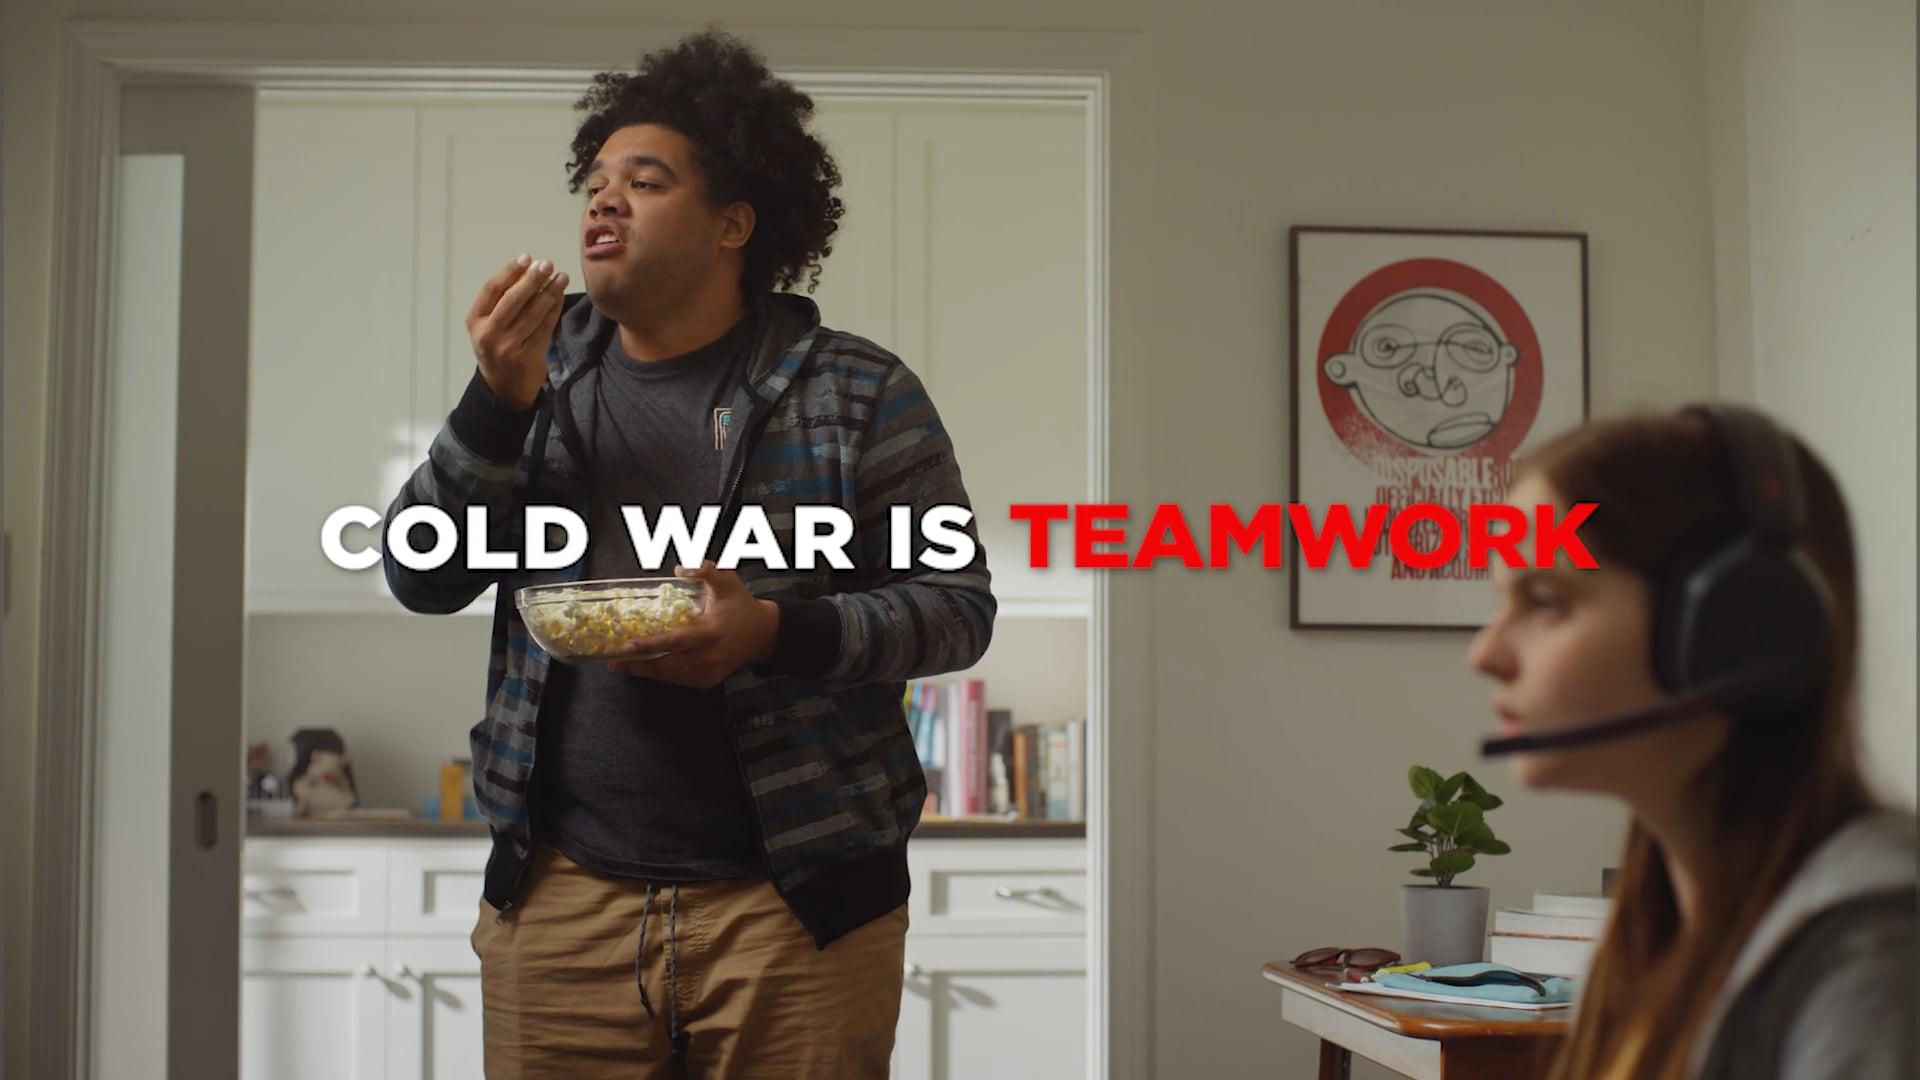 Call of Duty :: Cold War 'Teamwork'